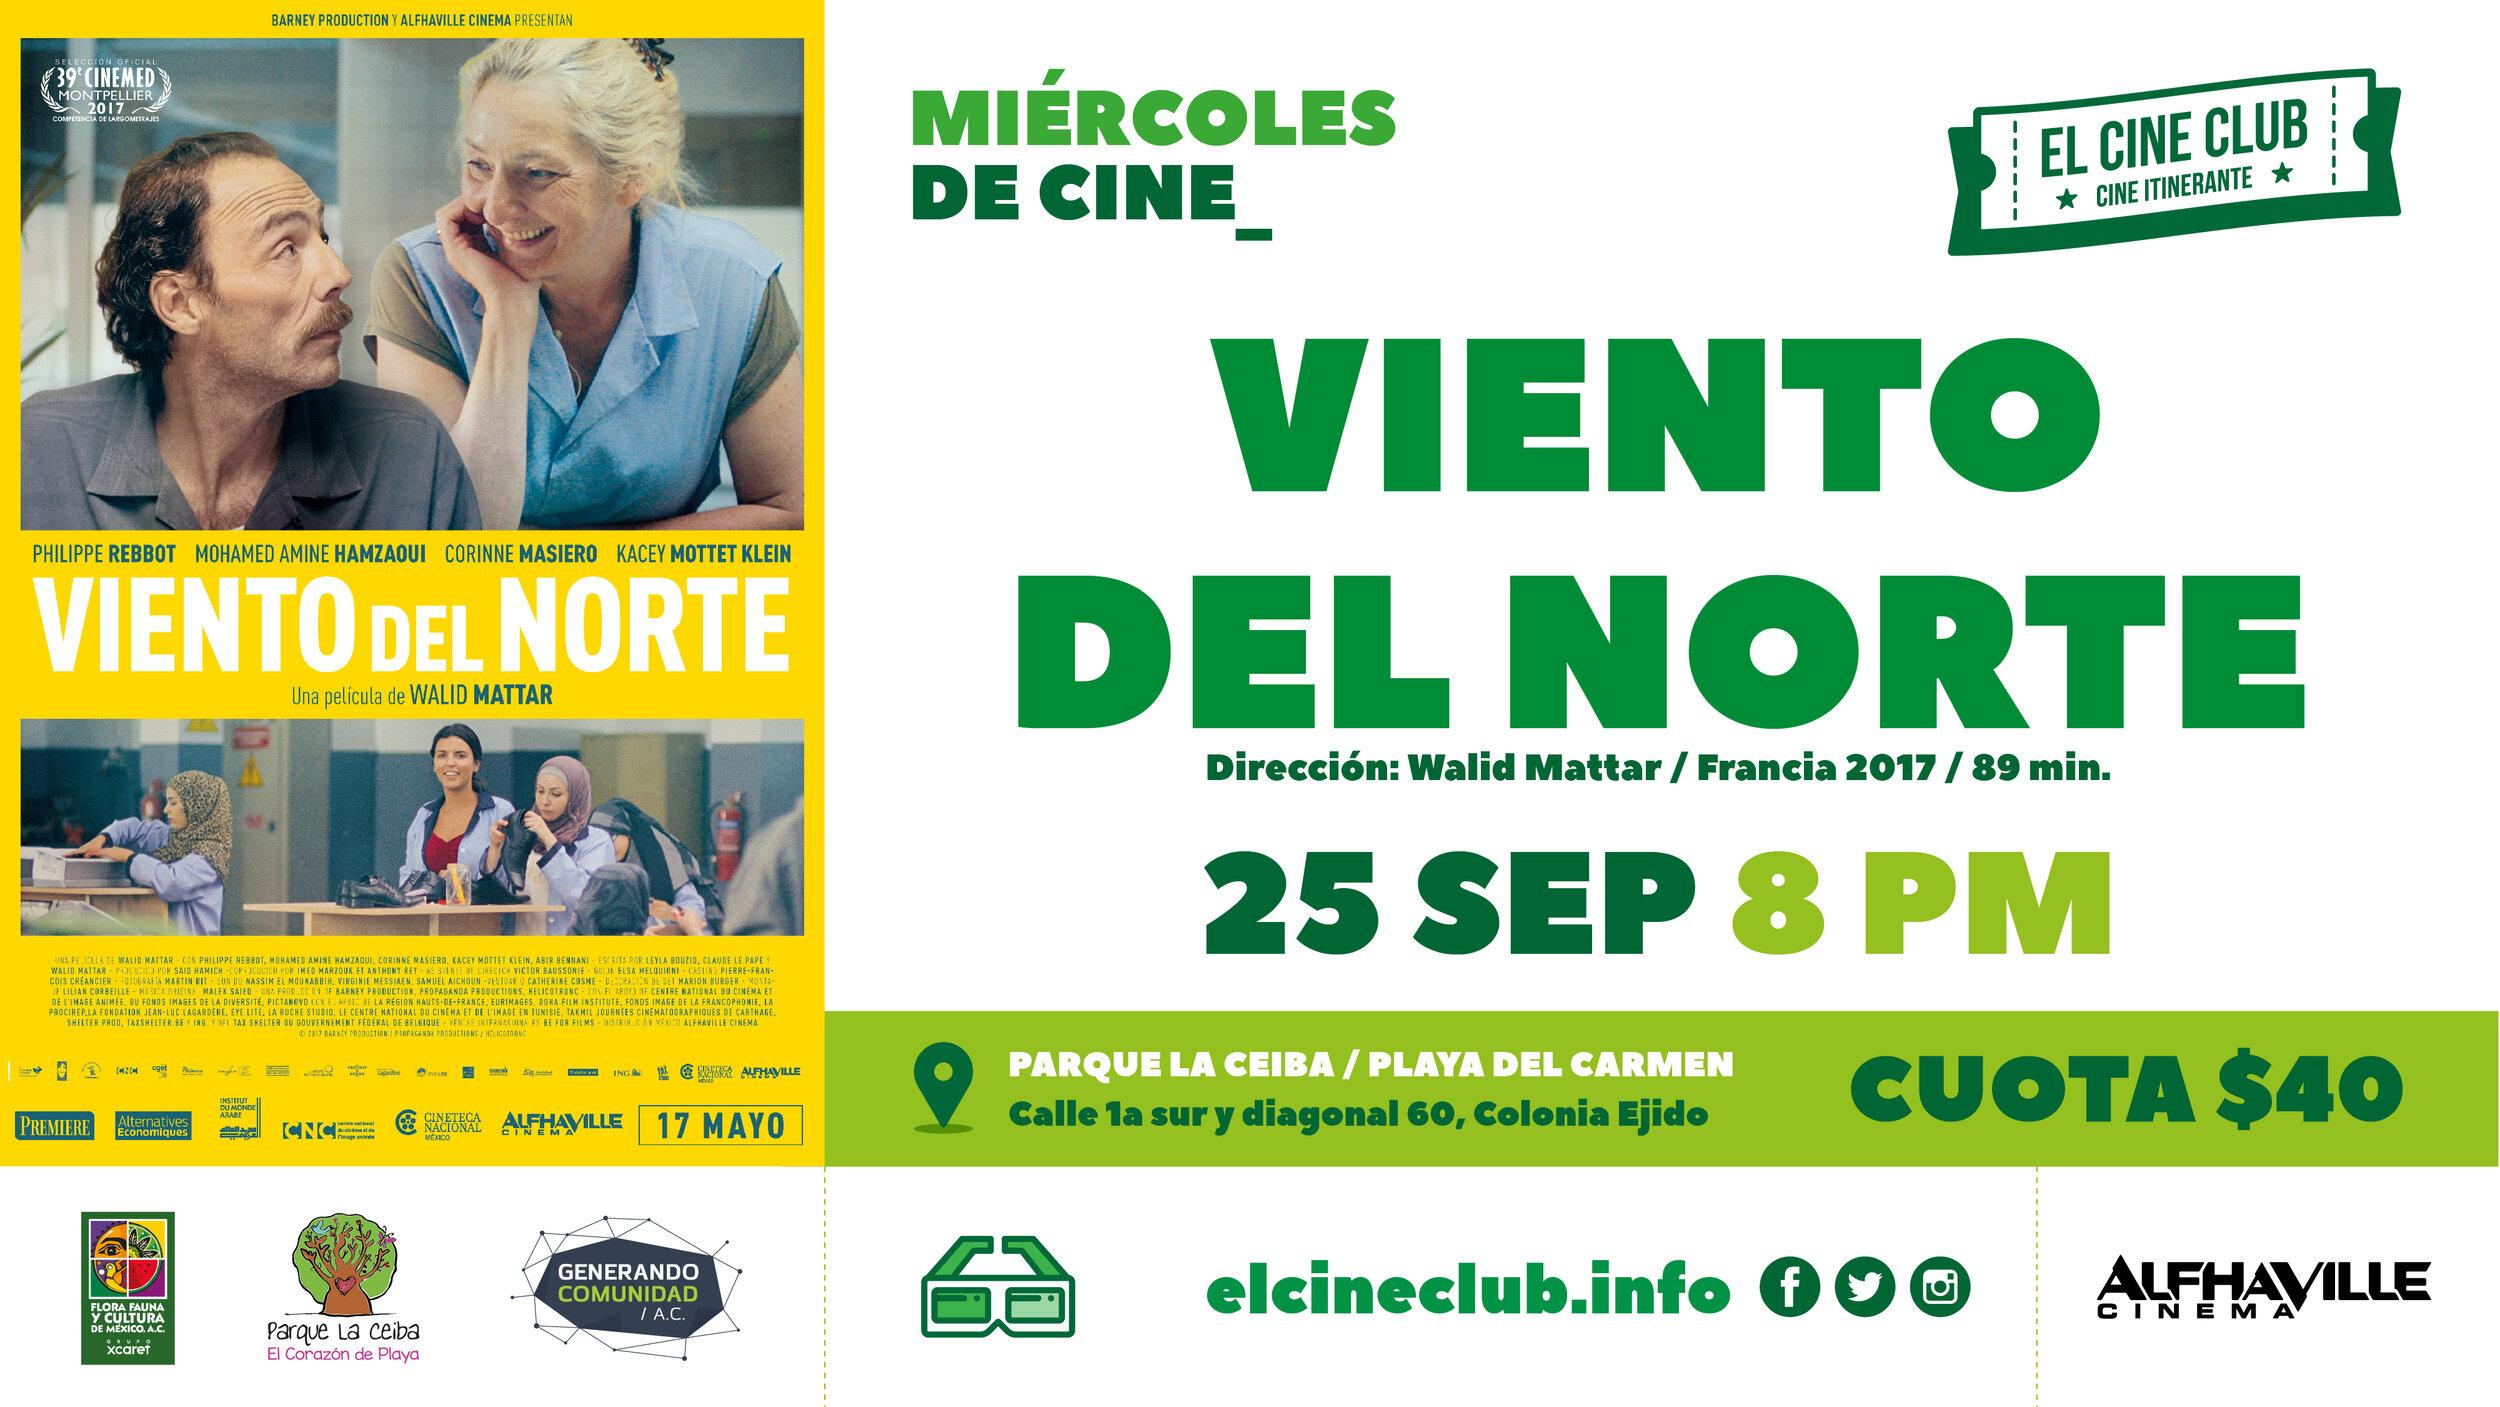 Viento_del_Norte-18.jpg